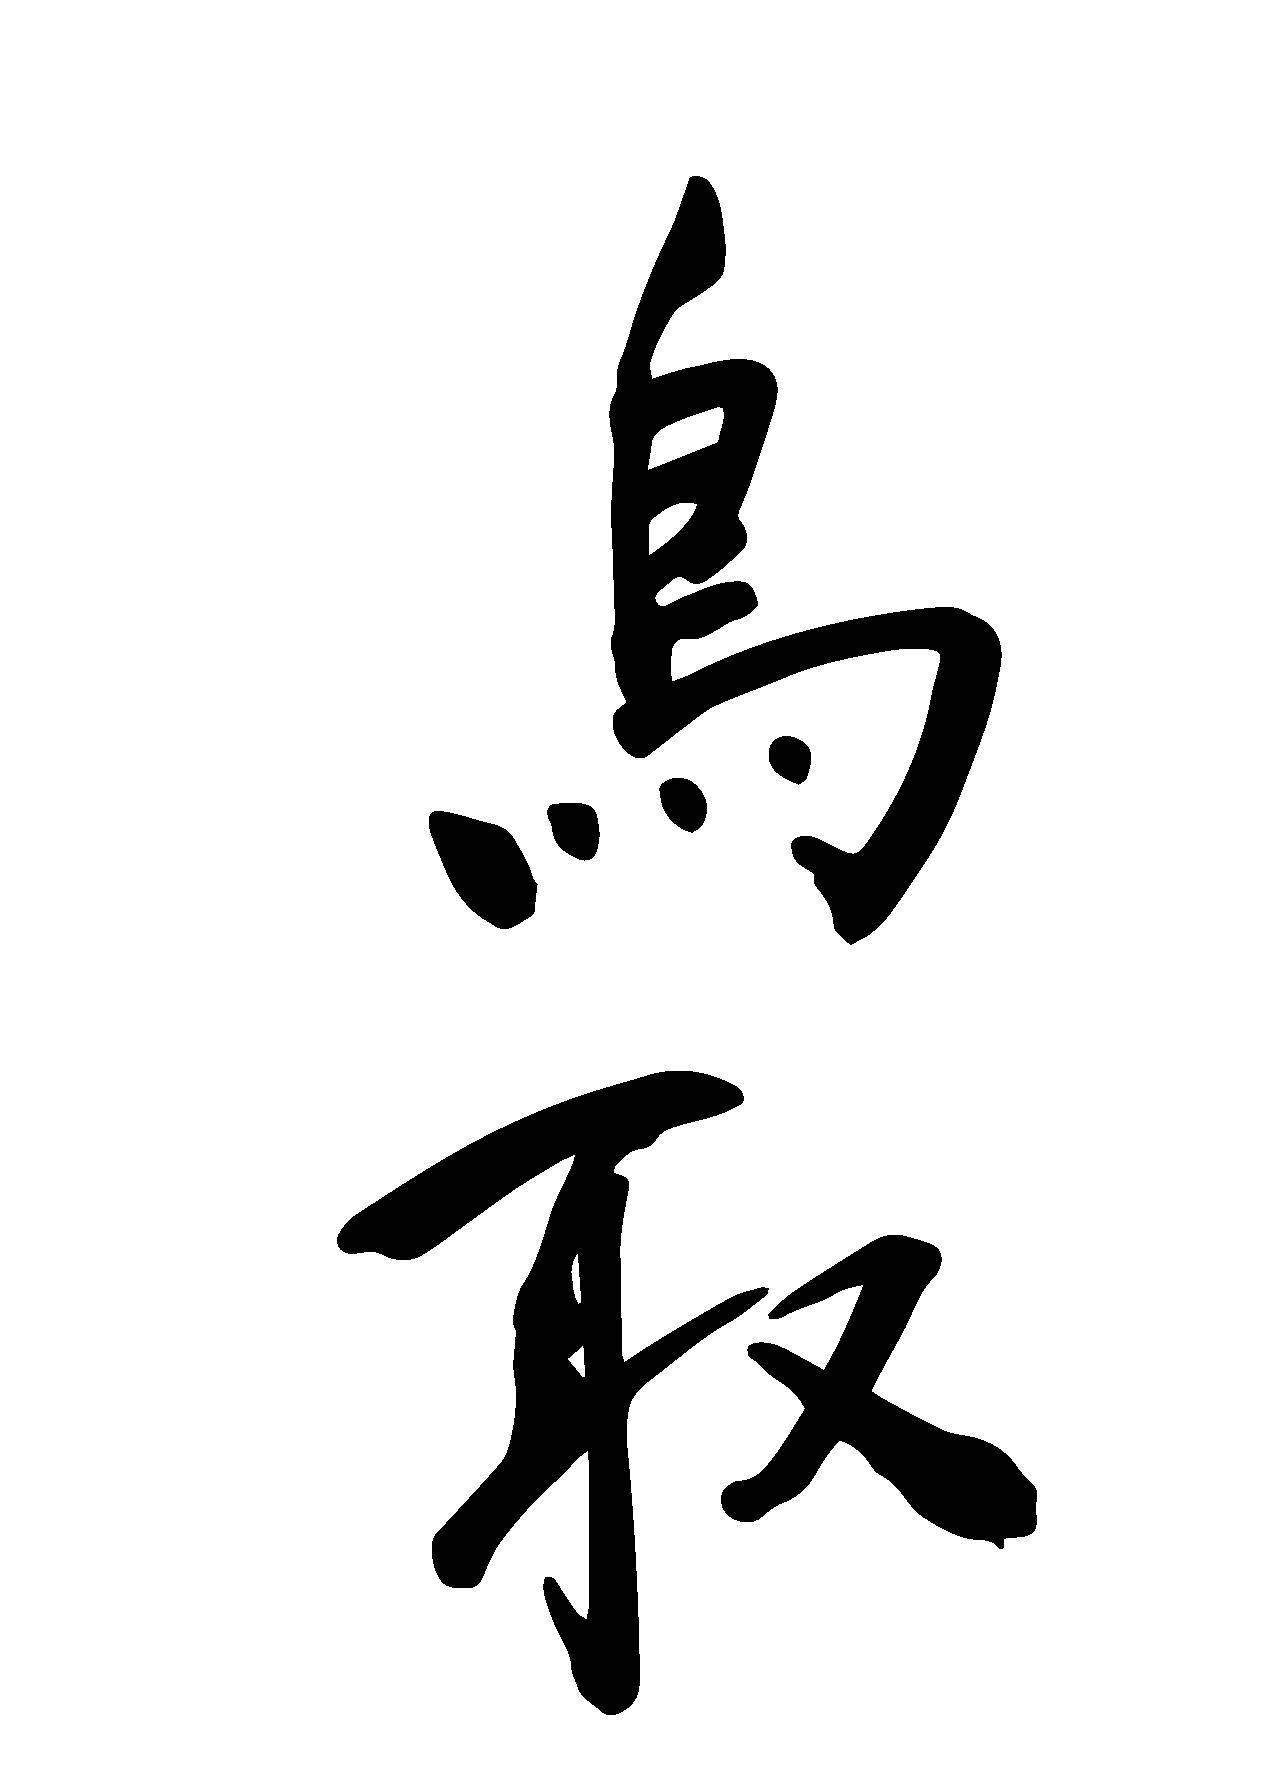 筆で書いた鳥取の文字